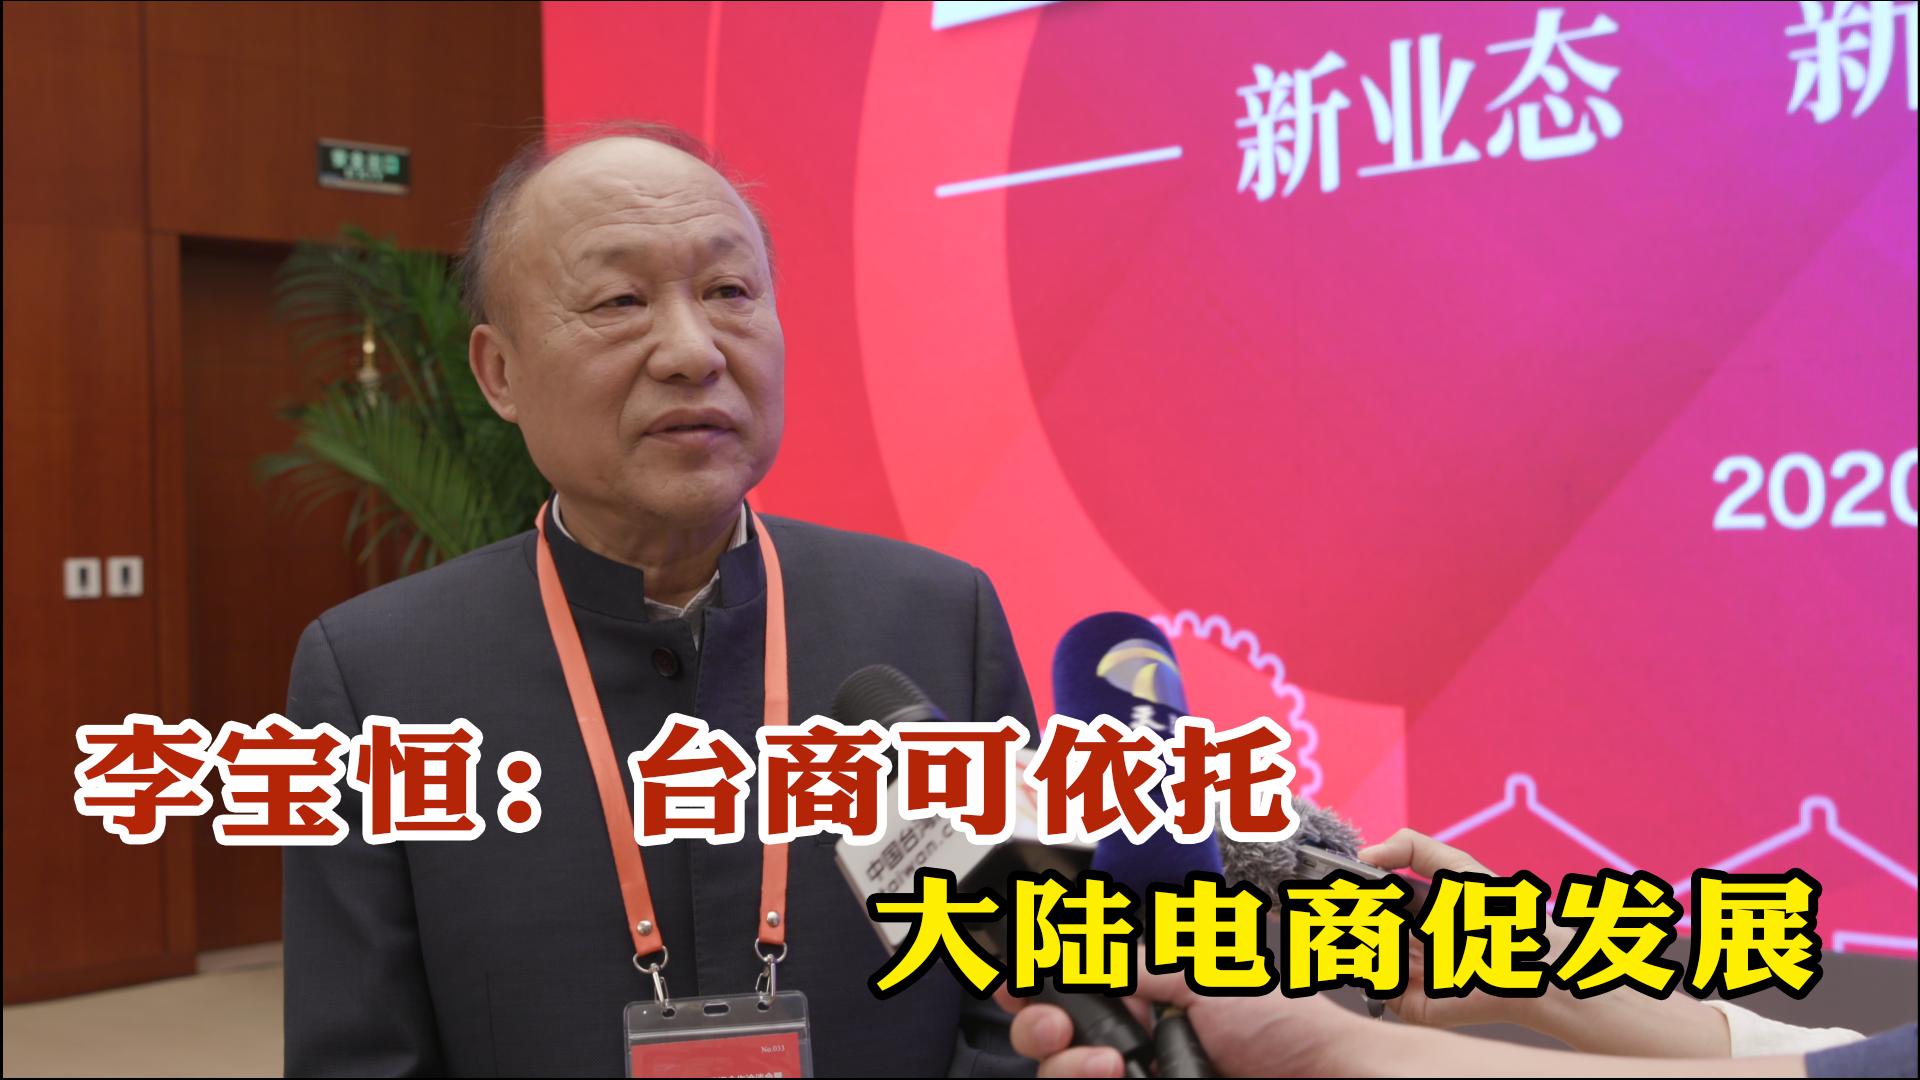 天津電商協會會長李寶恒:臺商可依託大陸電商促發展圖片